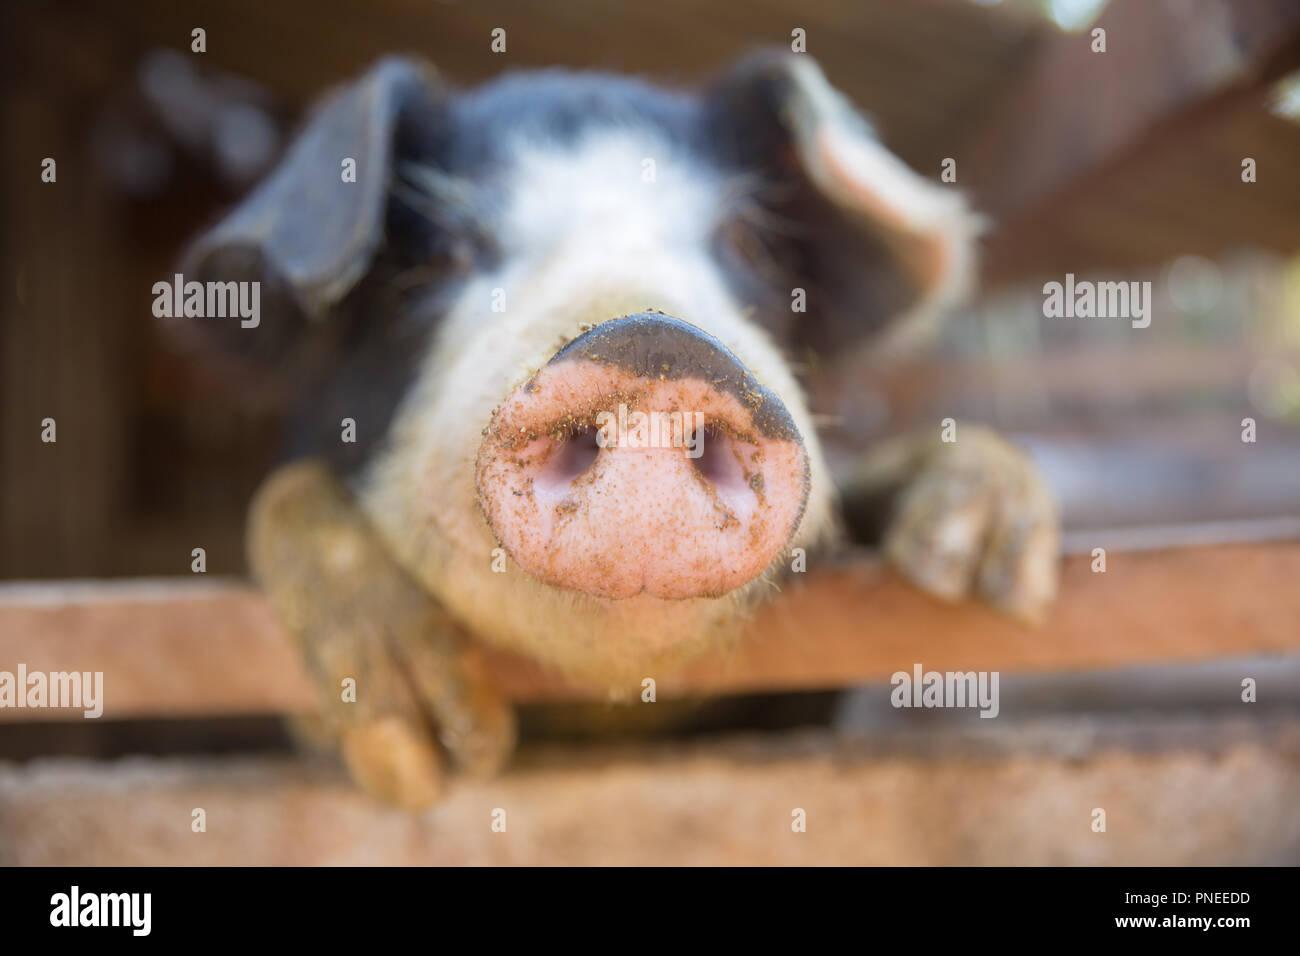 Schwein Nase im Pen. Schwerpunkt liegt auf der Nase. Geringe Tiefenschärfe. Stockbild